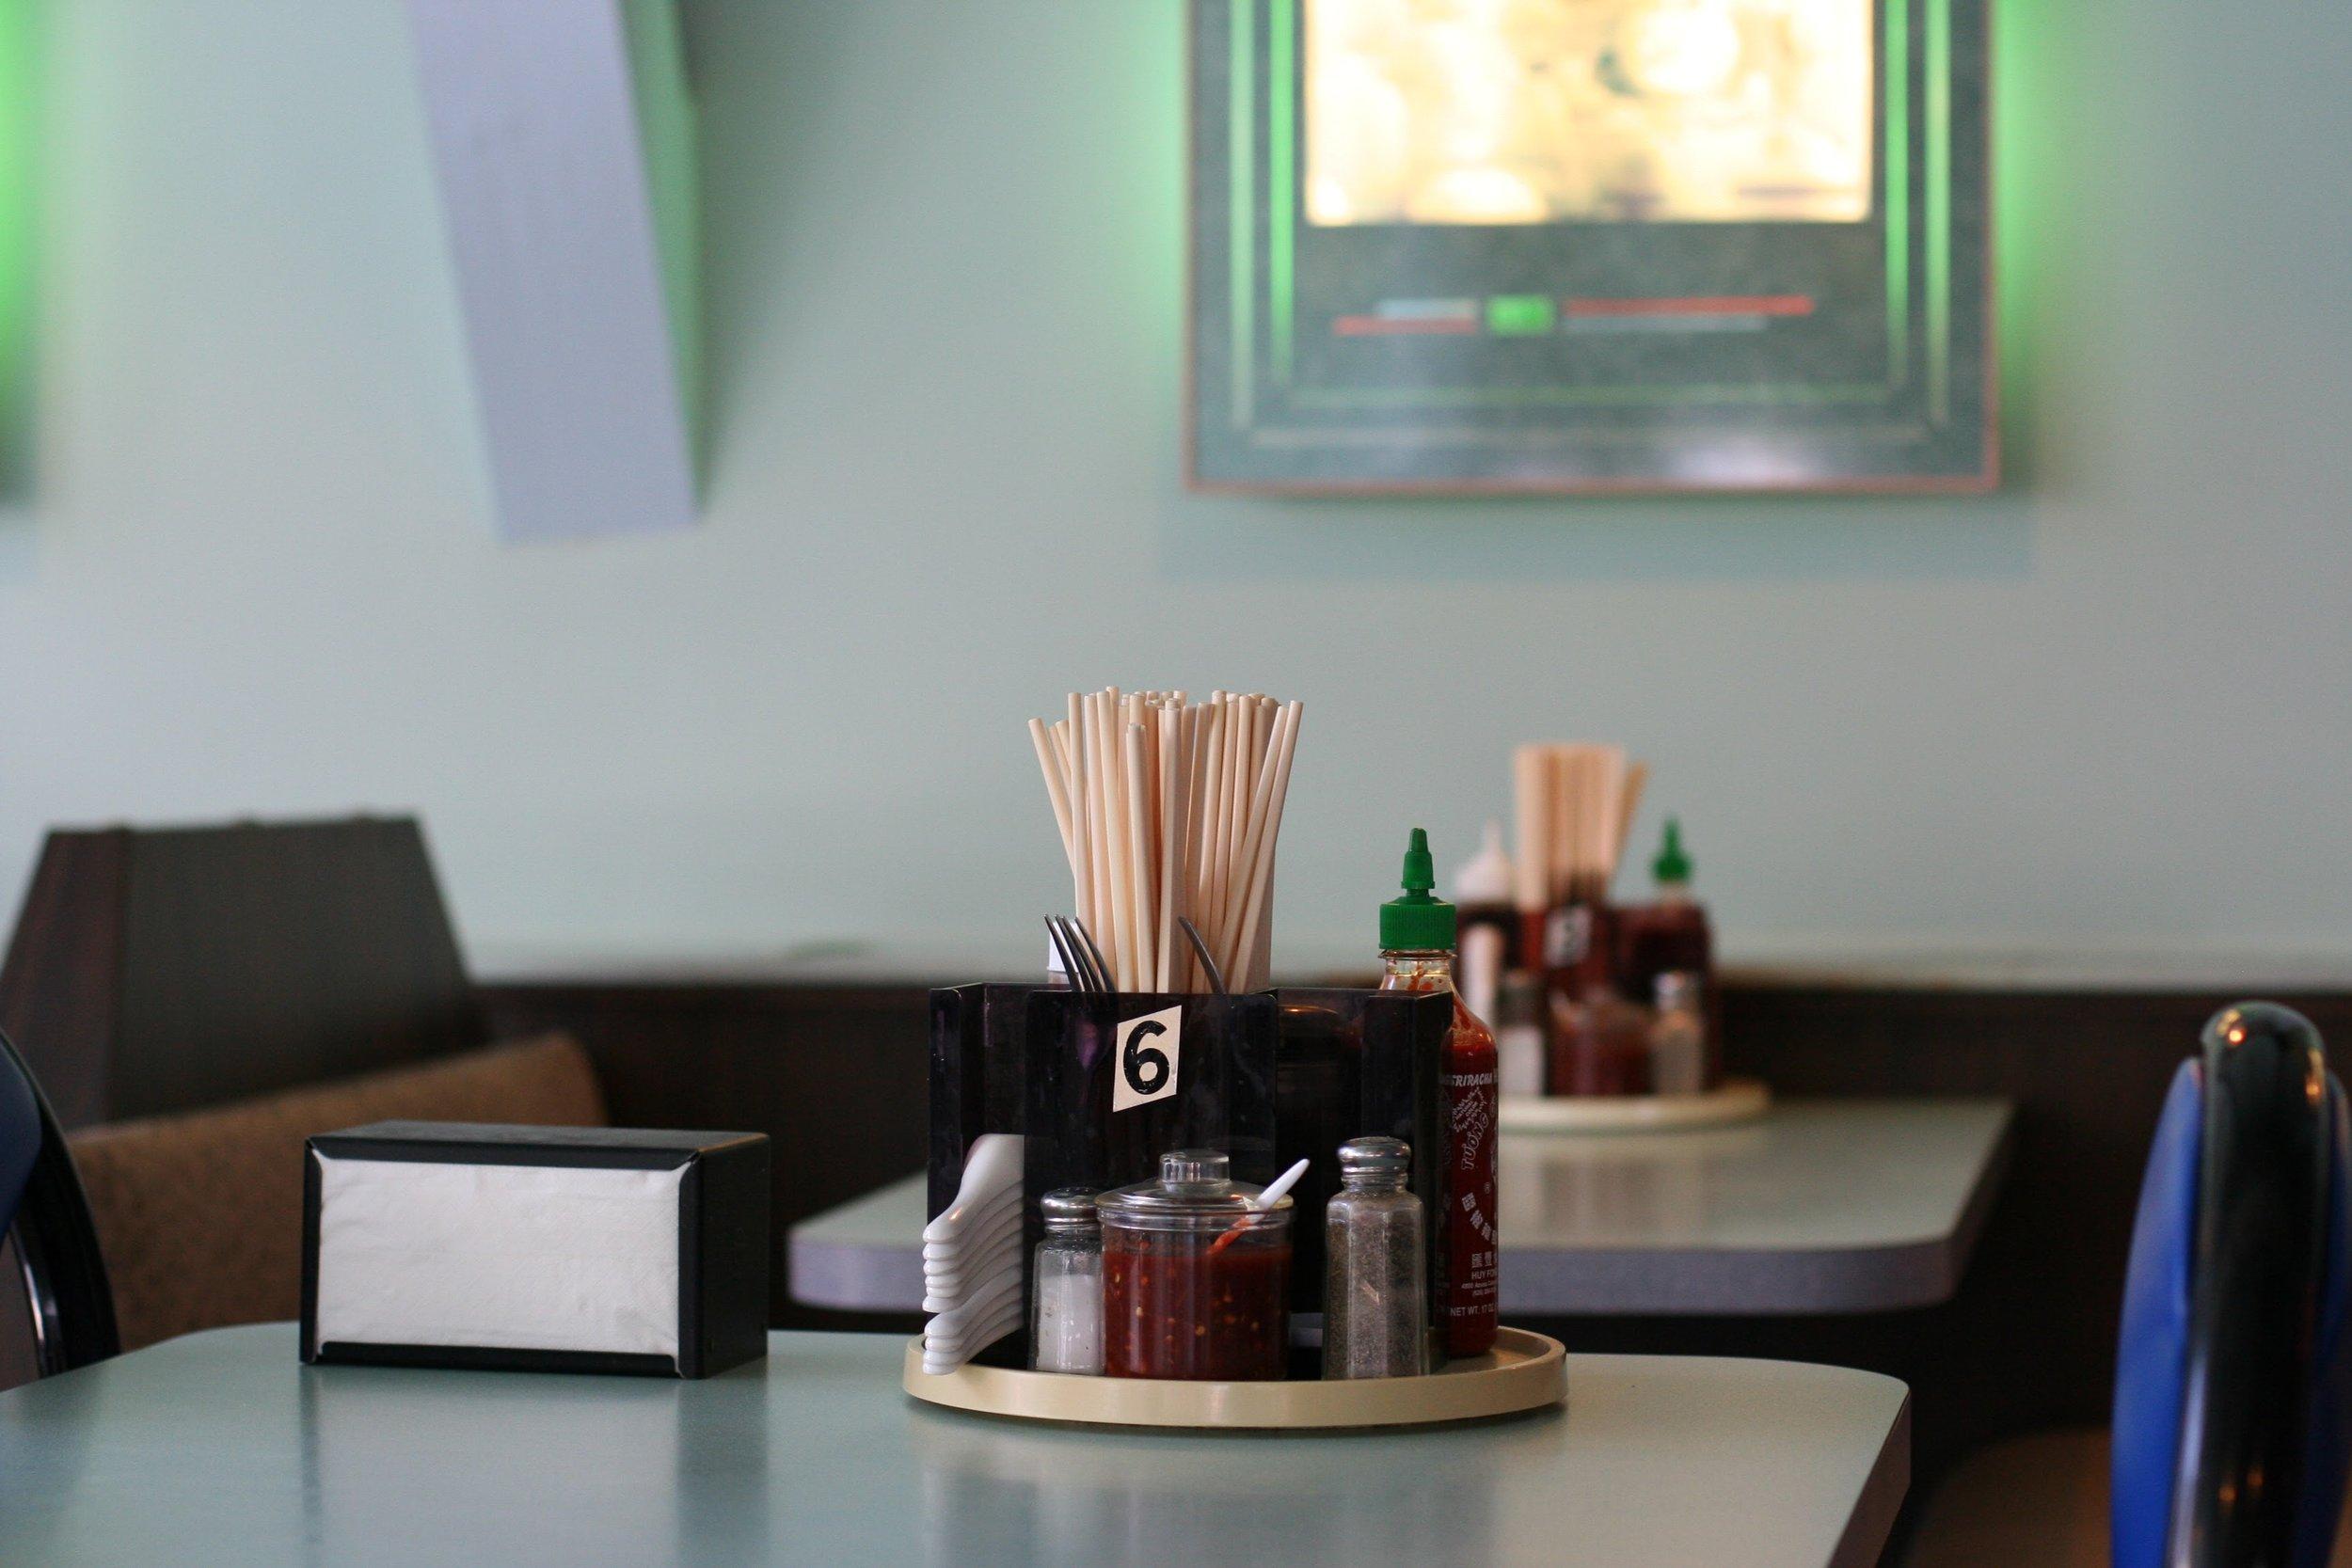 挑選使用環保餐具的店家用餐